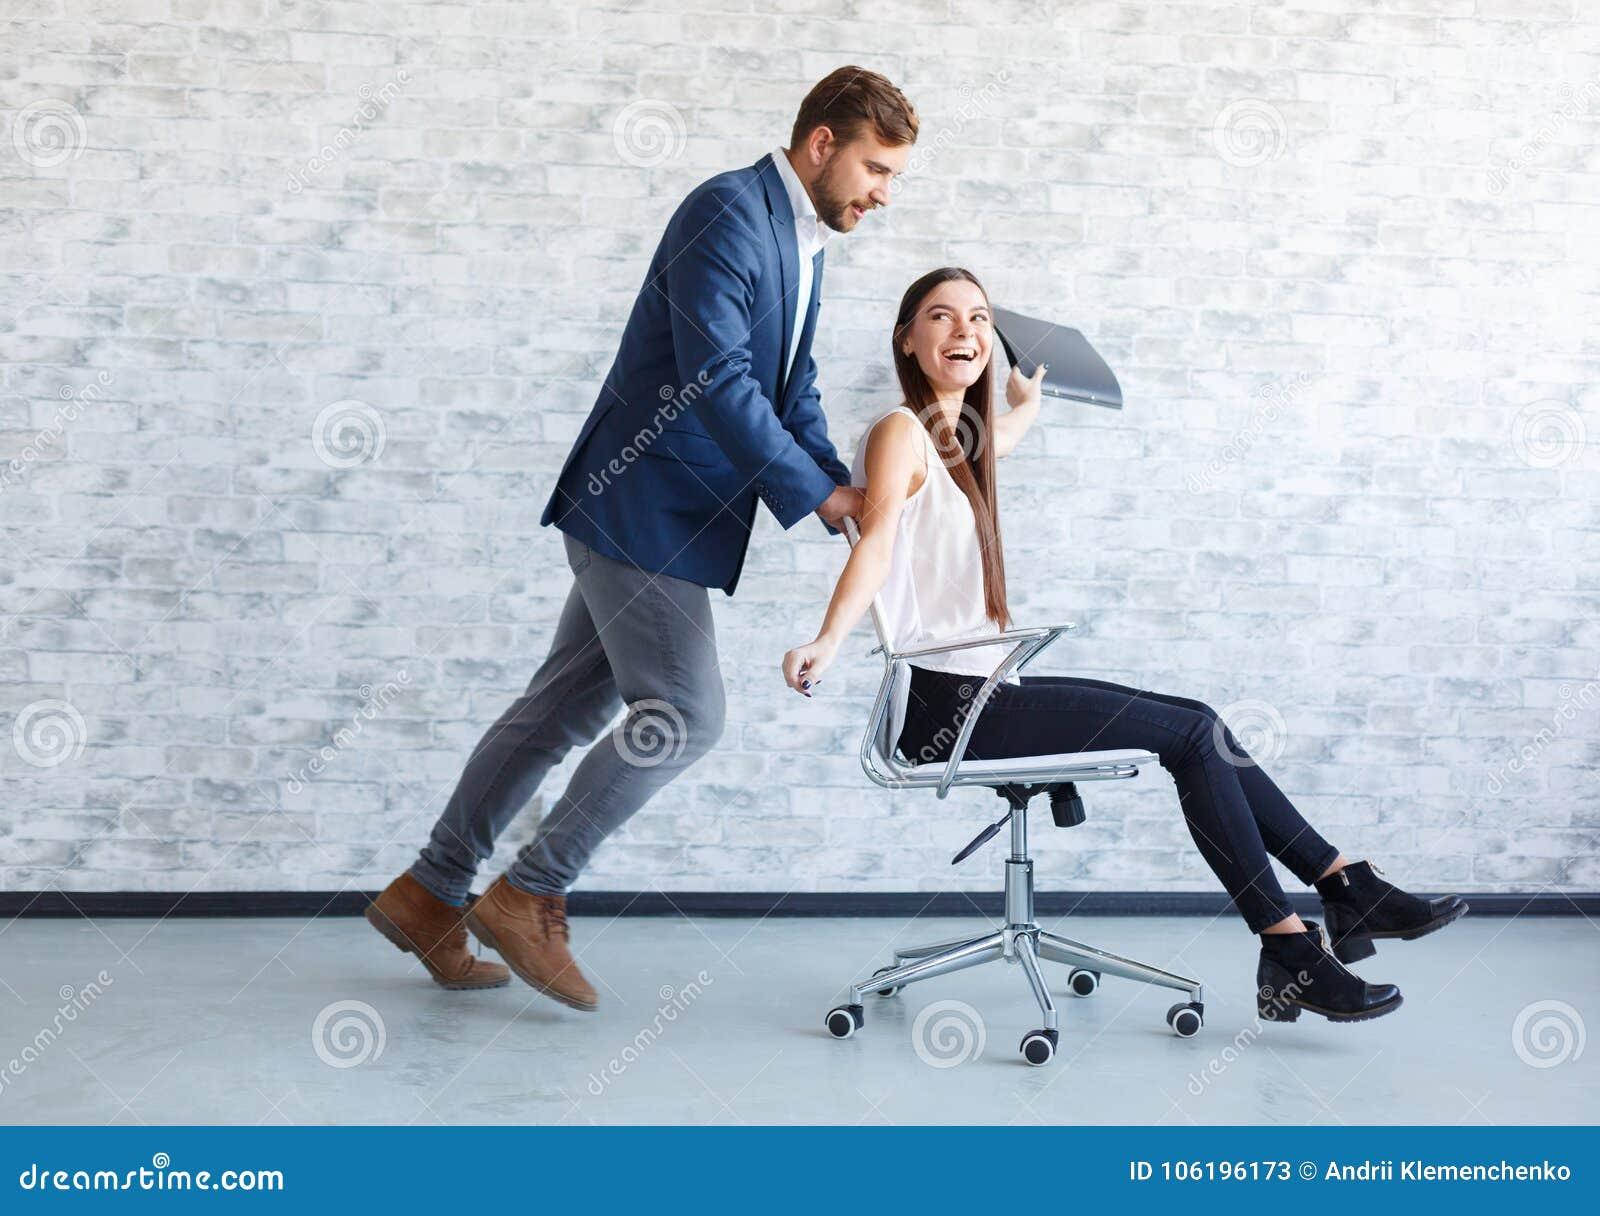 Парень с девушкой на работе модельное агентство fashion style москва отзывы